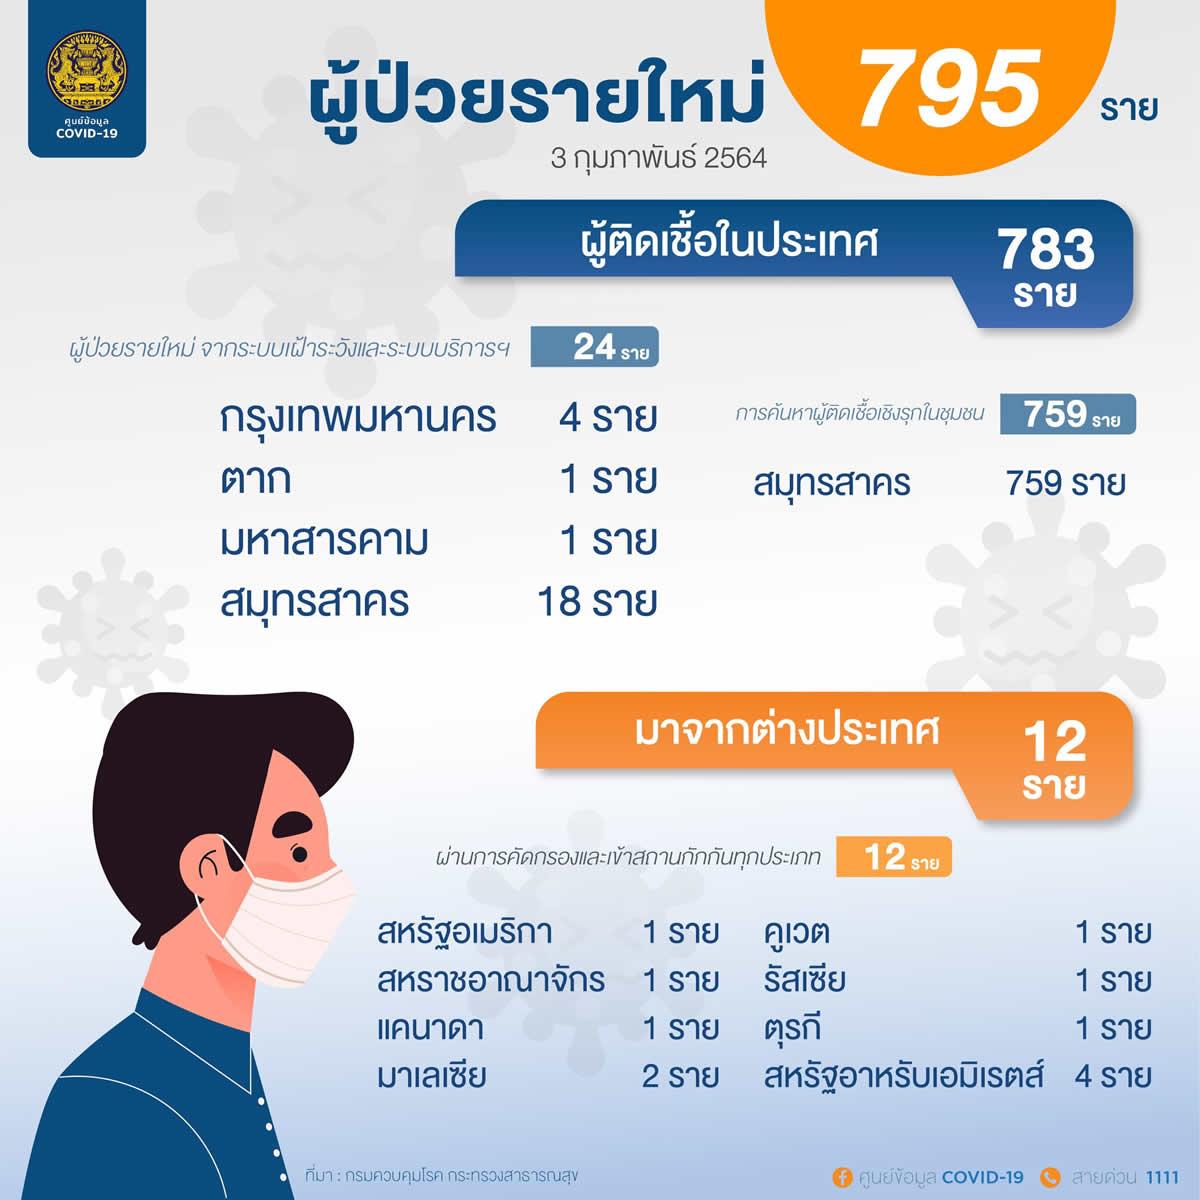 タイ:新規タイ国内感染は783人、海外からの入国は12人